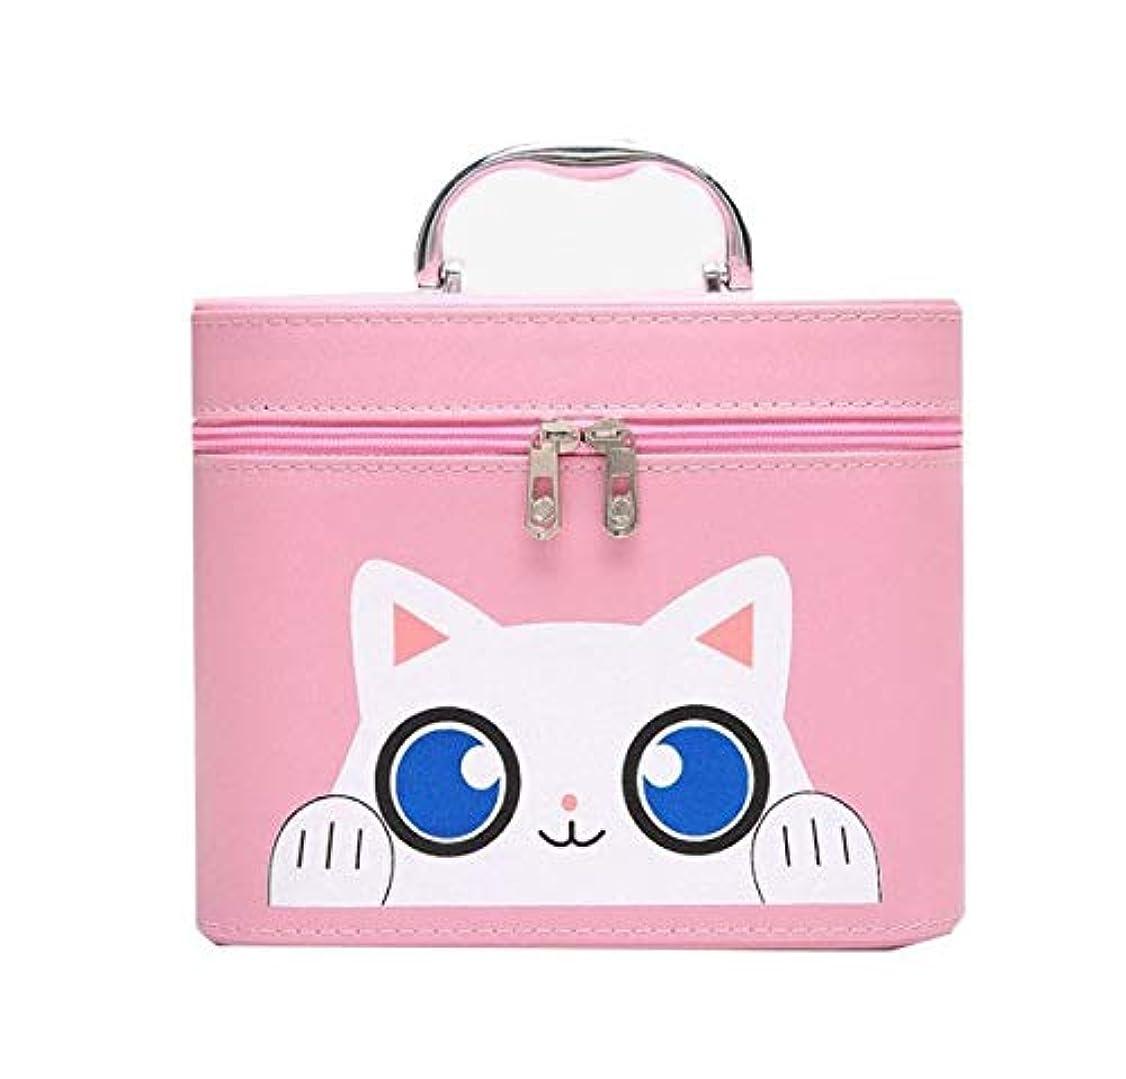 常習者許すペストリー化粧箱、大容量漫画猫化粧品ケース、ポータブル旅行化粧品ケース、美容ネイルジュエリー収納ボックス (Size : S)